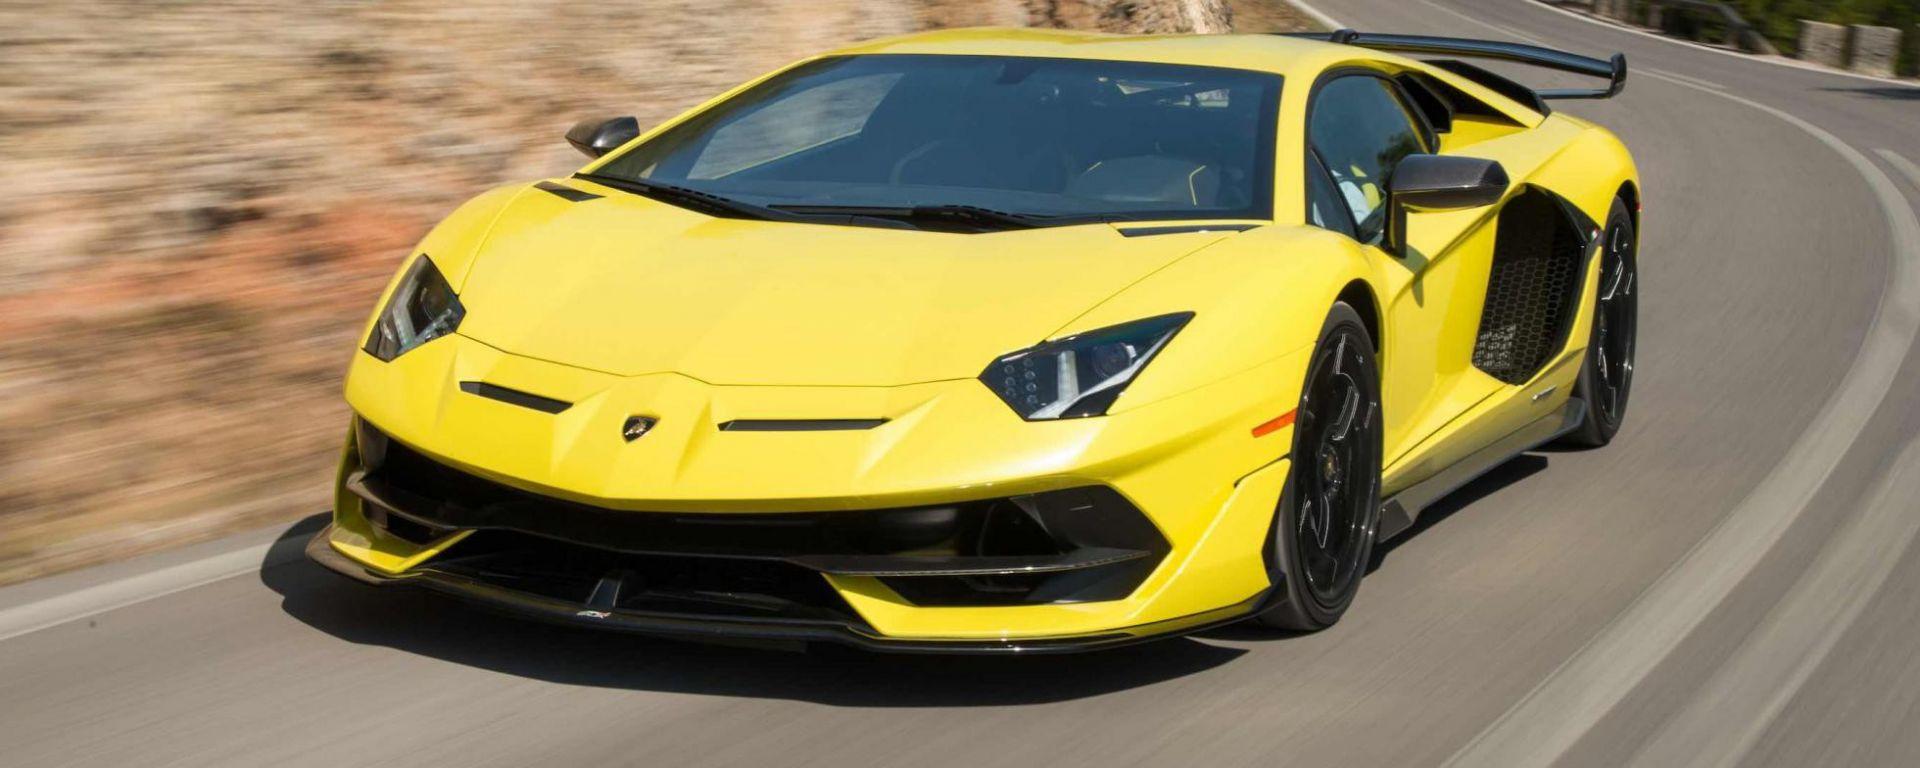 Nuova supercar Lamborghini 2022: potrebbe montare un motore ibrido come la Sian